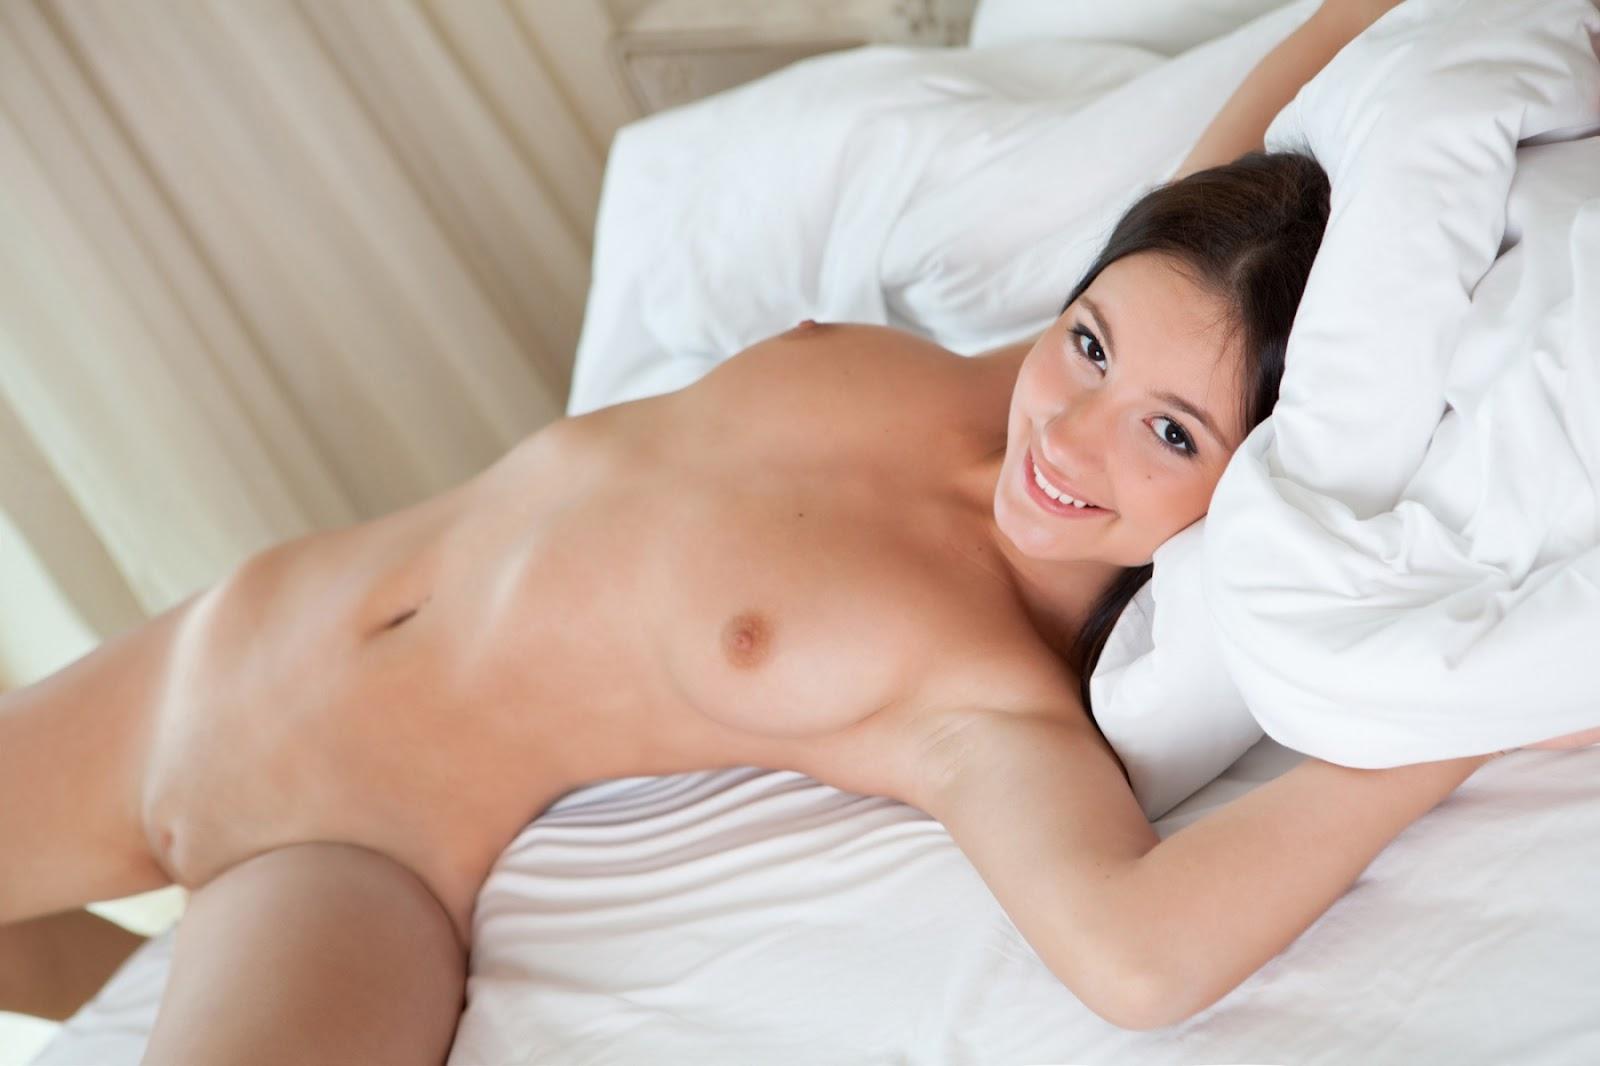 traci lords nude scenes